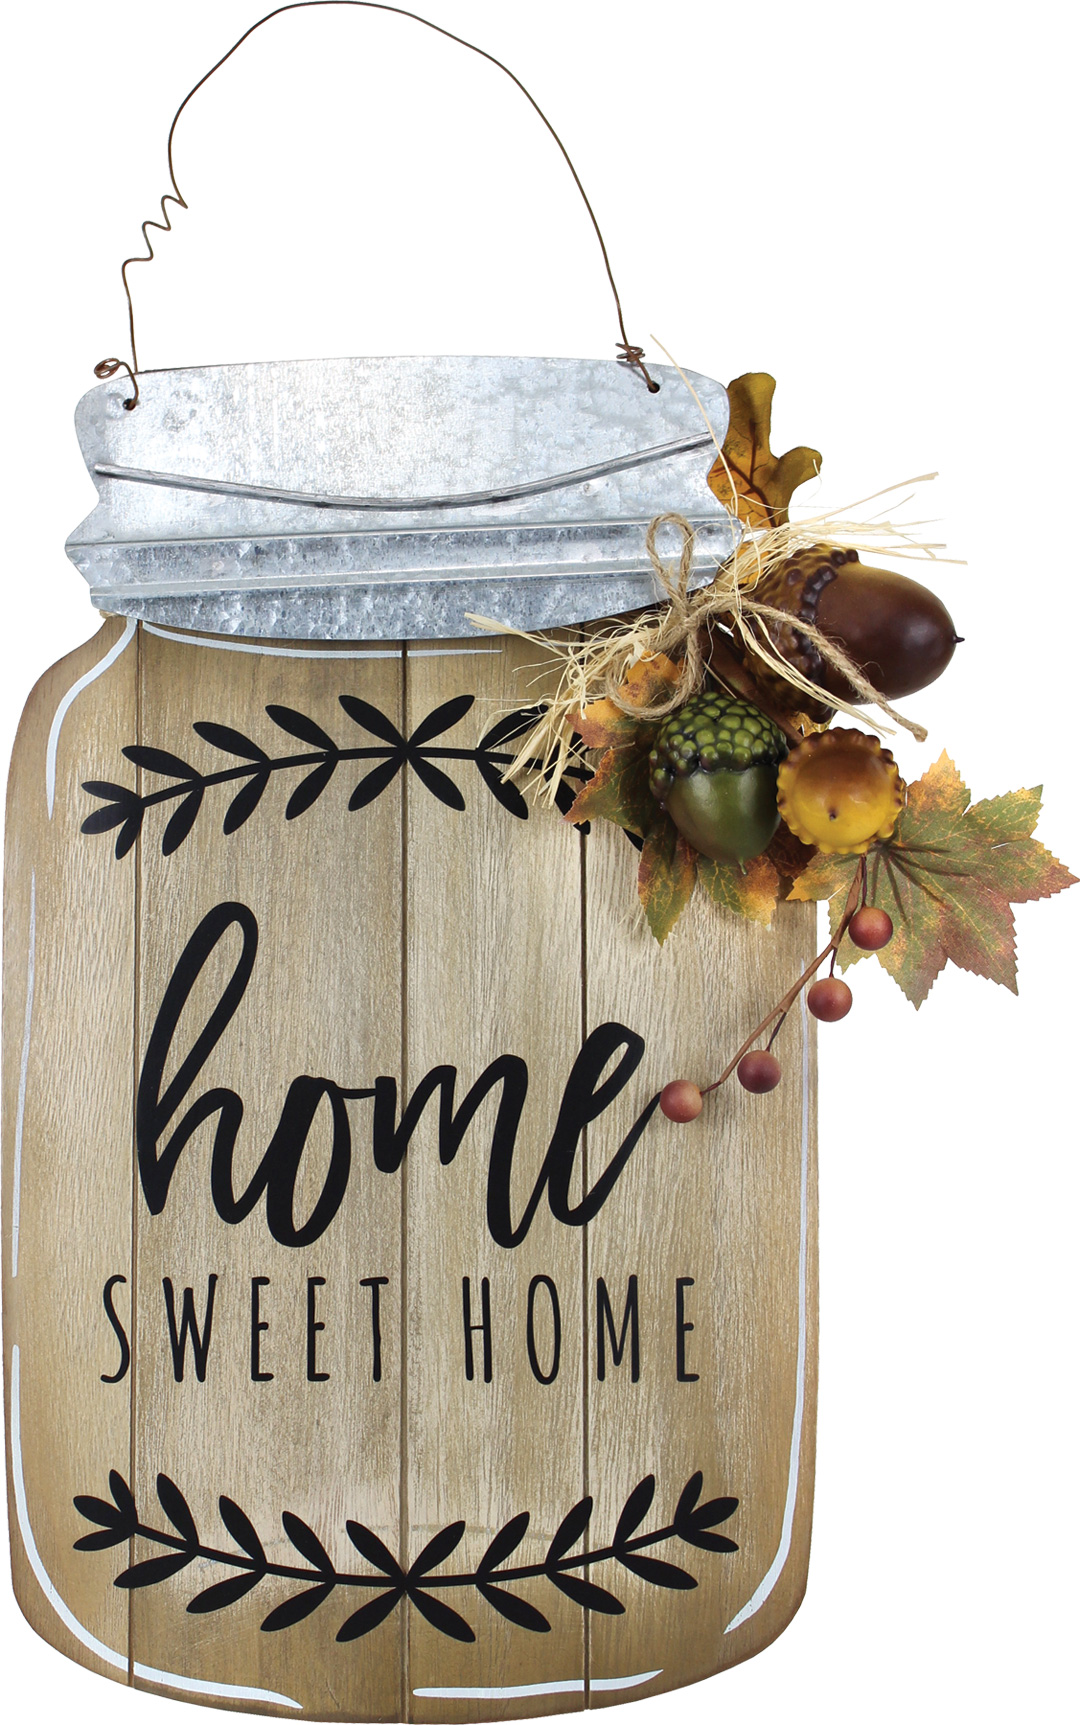 Home Sweet Home - Treasure This